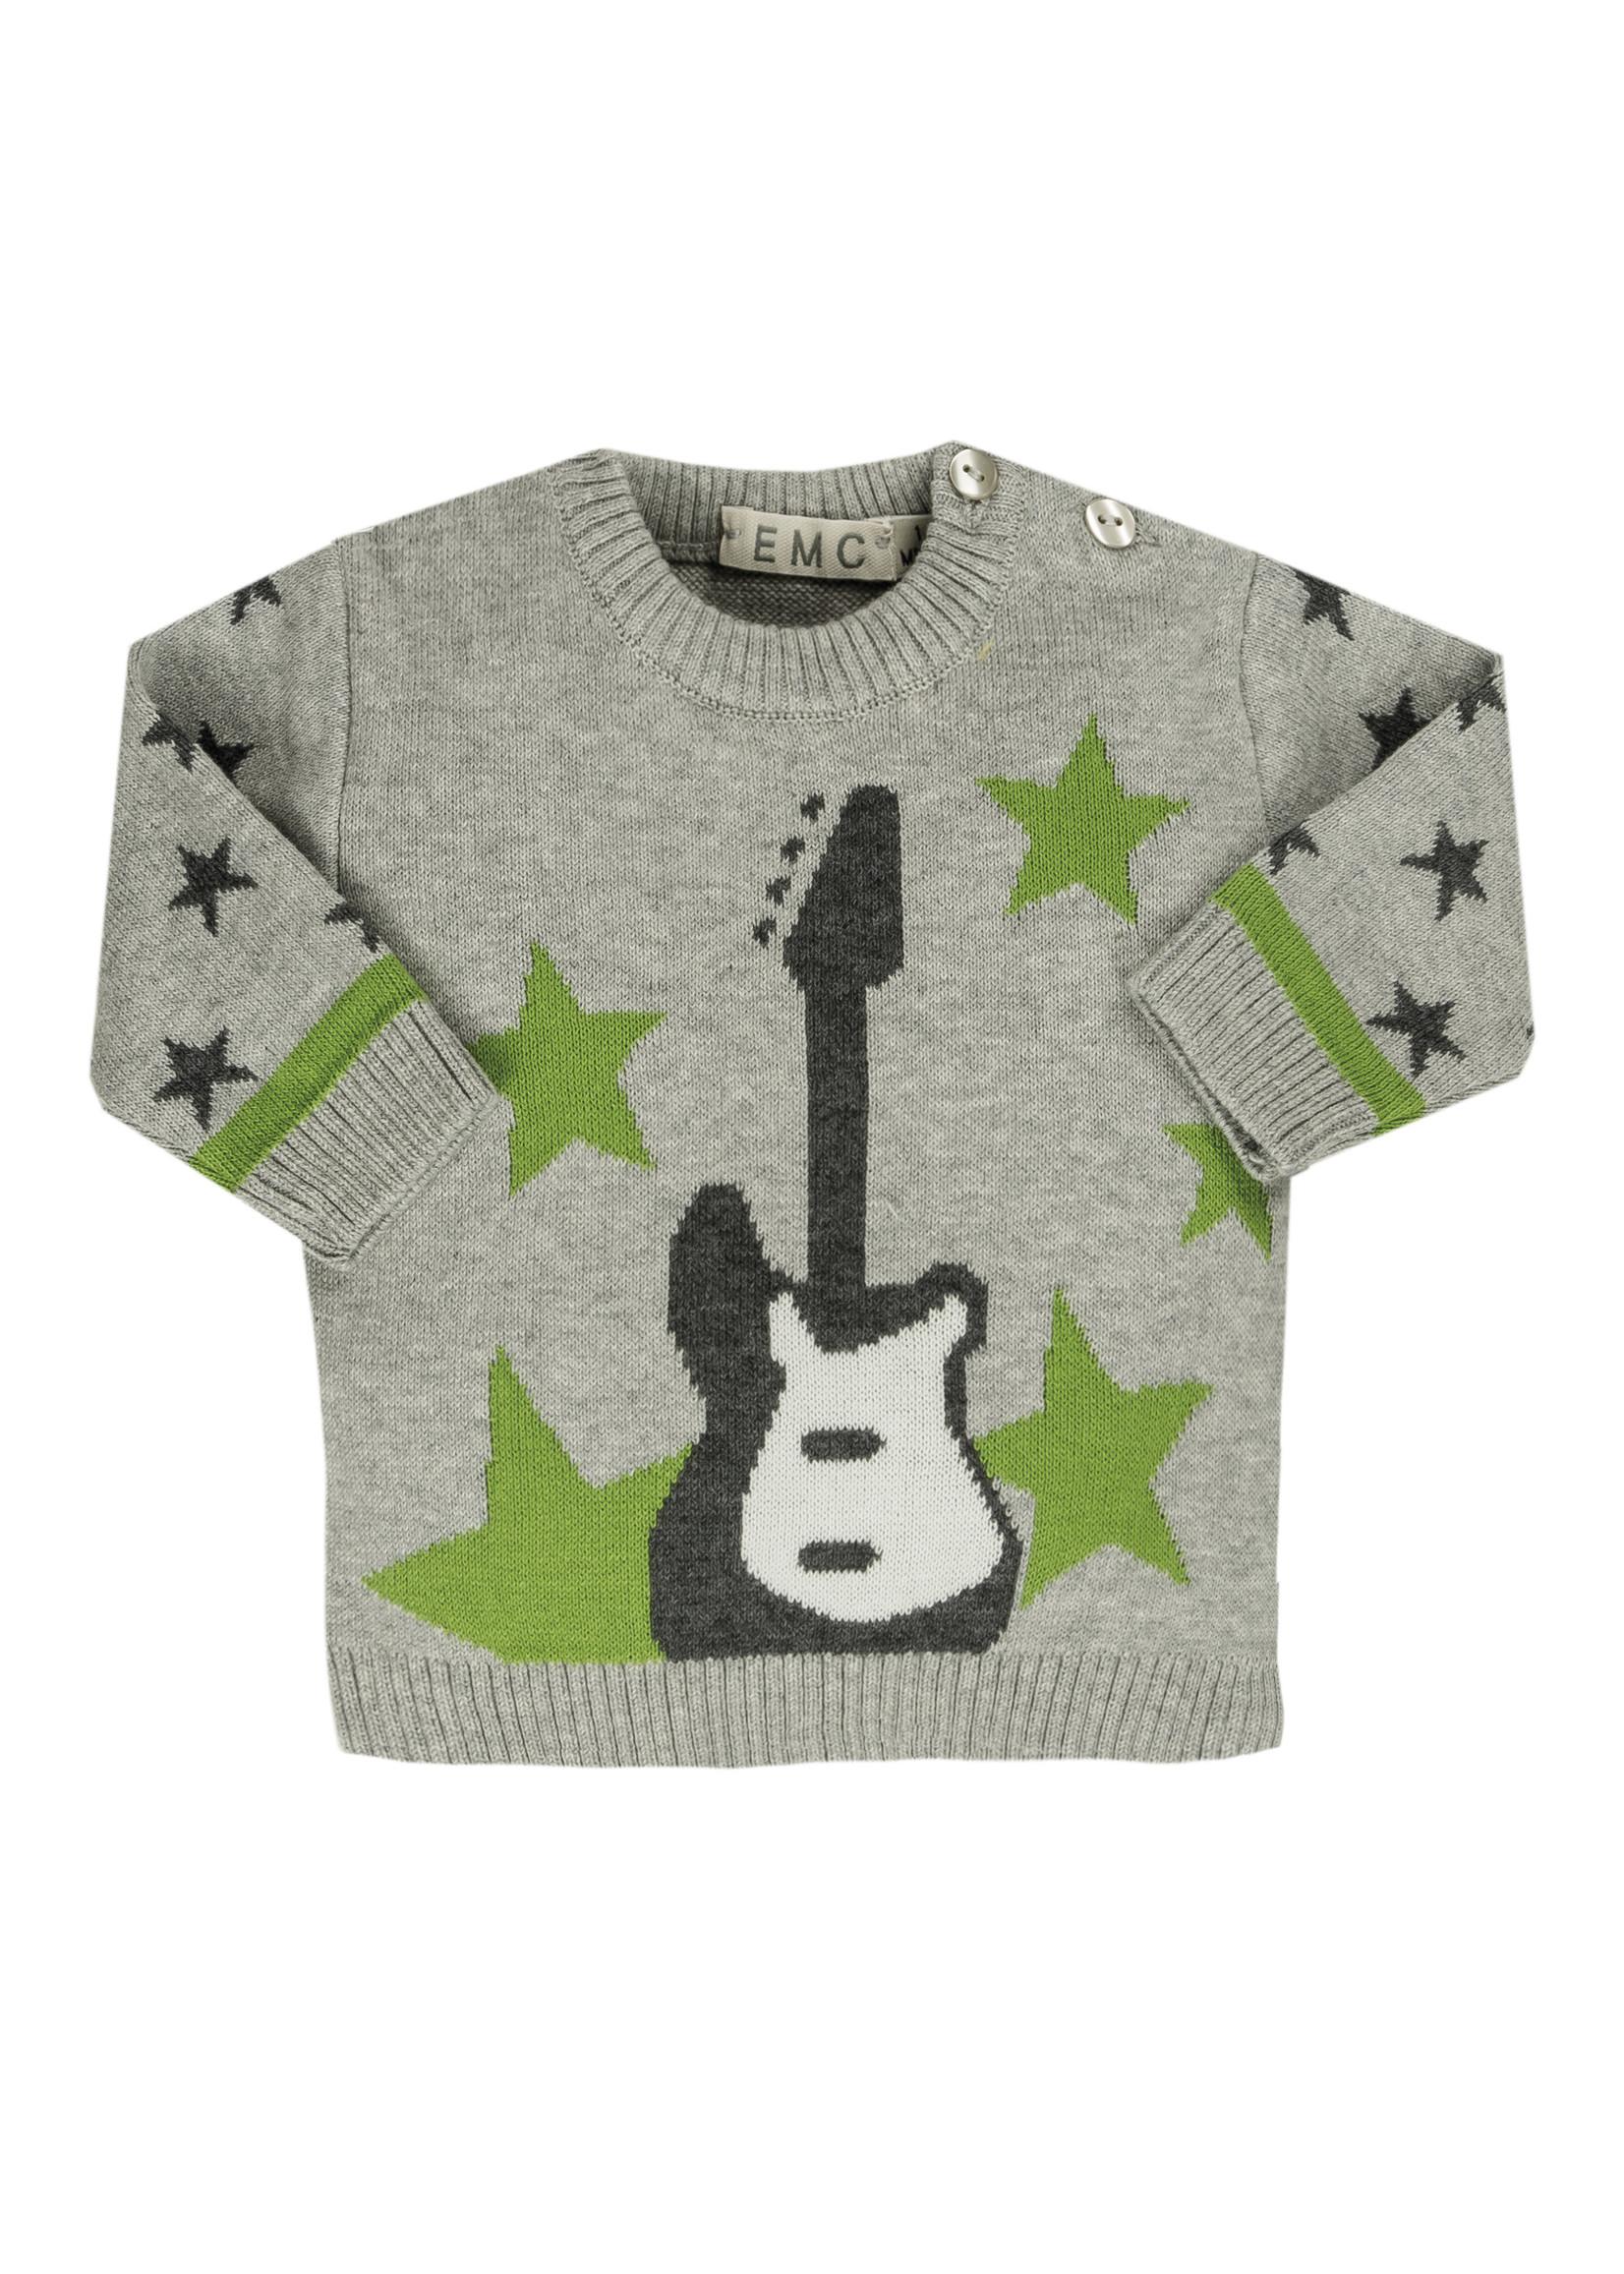 EMC EMC knit guitar sweater